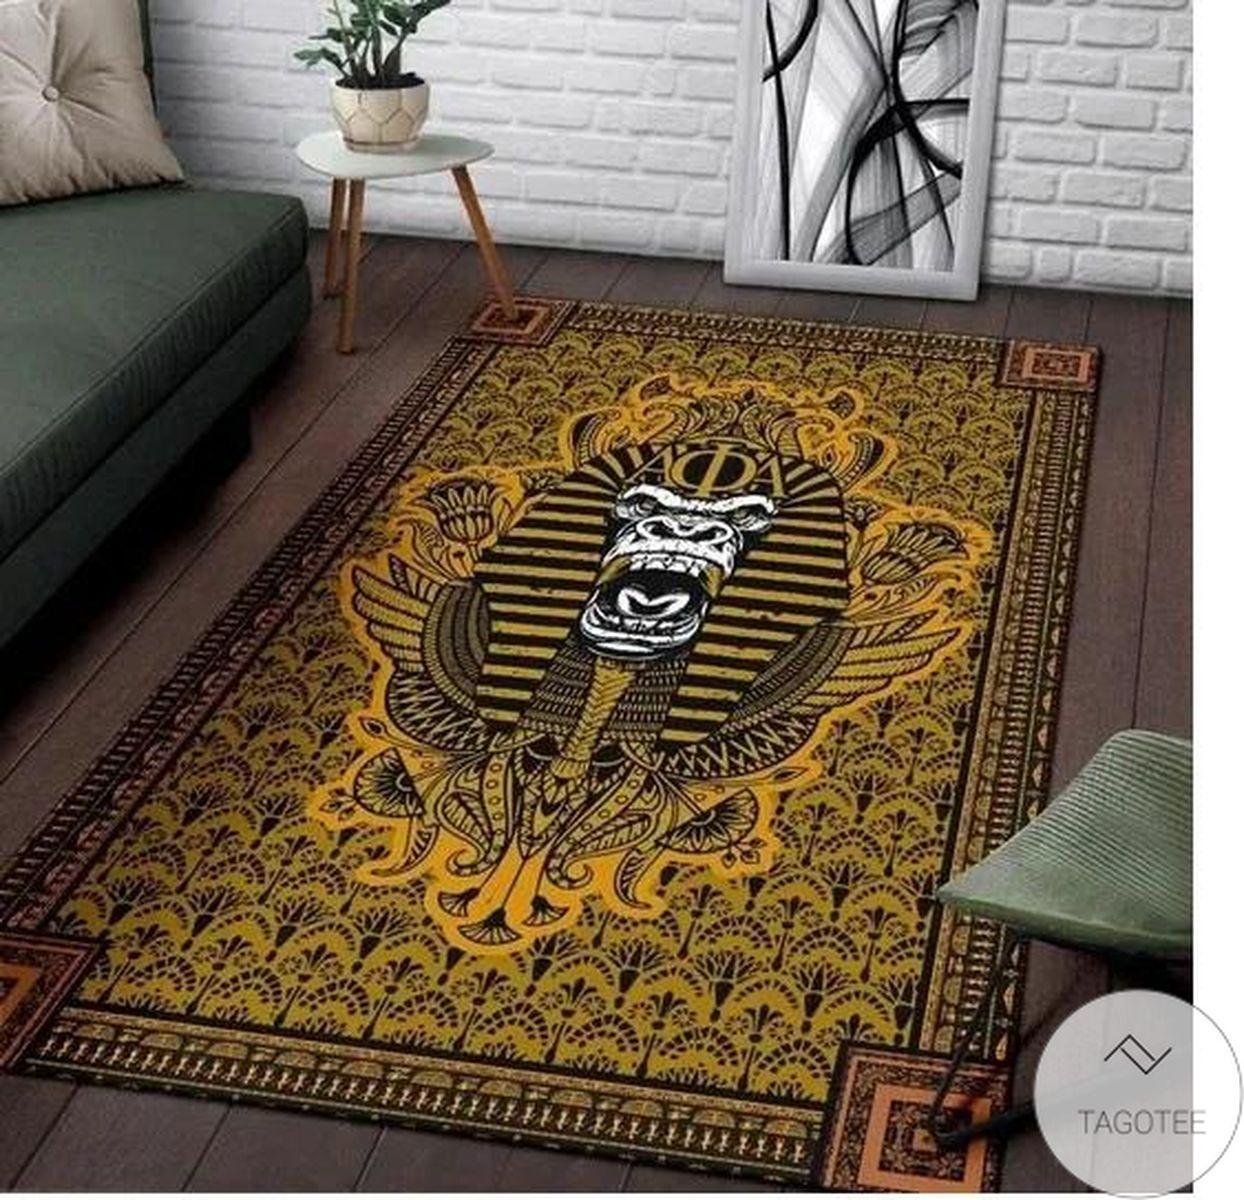 Alpha Phi Alpha 1906 Ape Mascot Floral Pattern Old Gold Background Rug